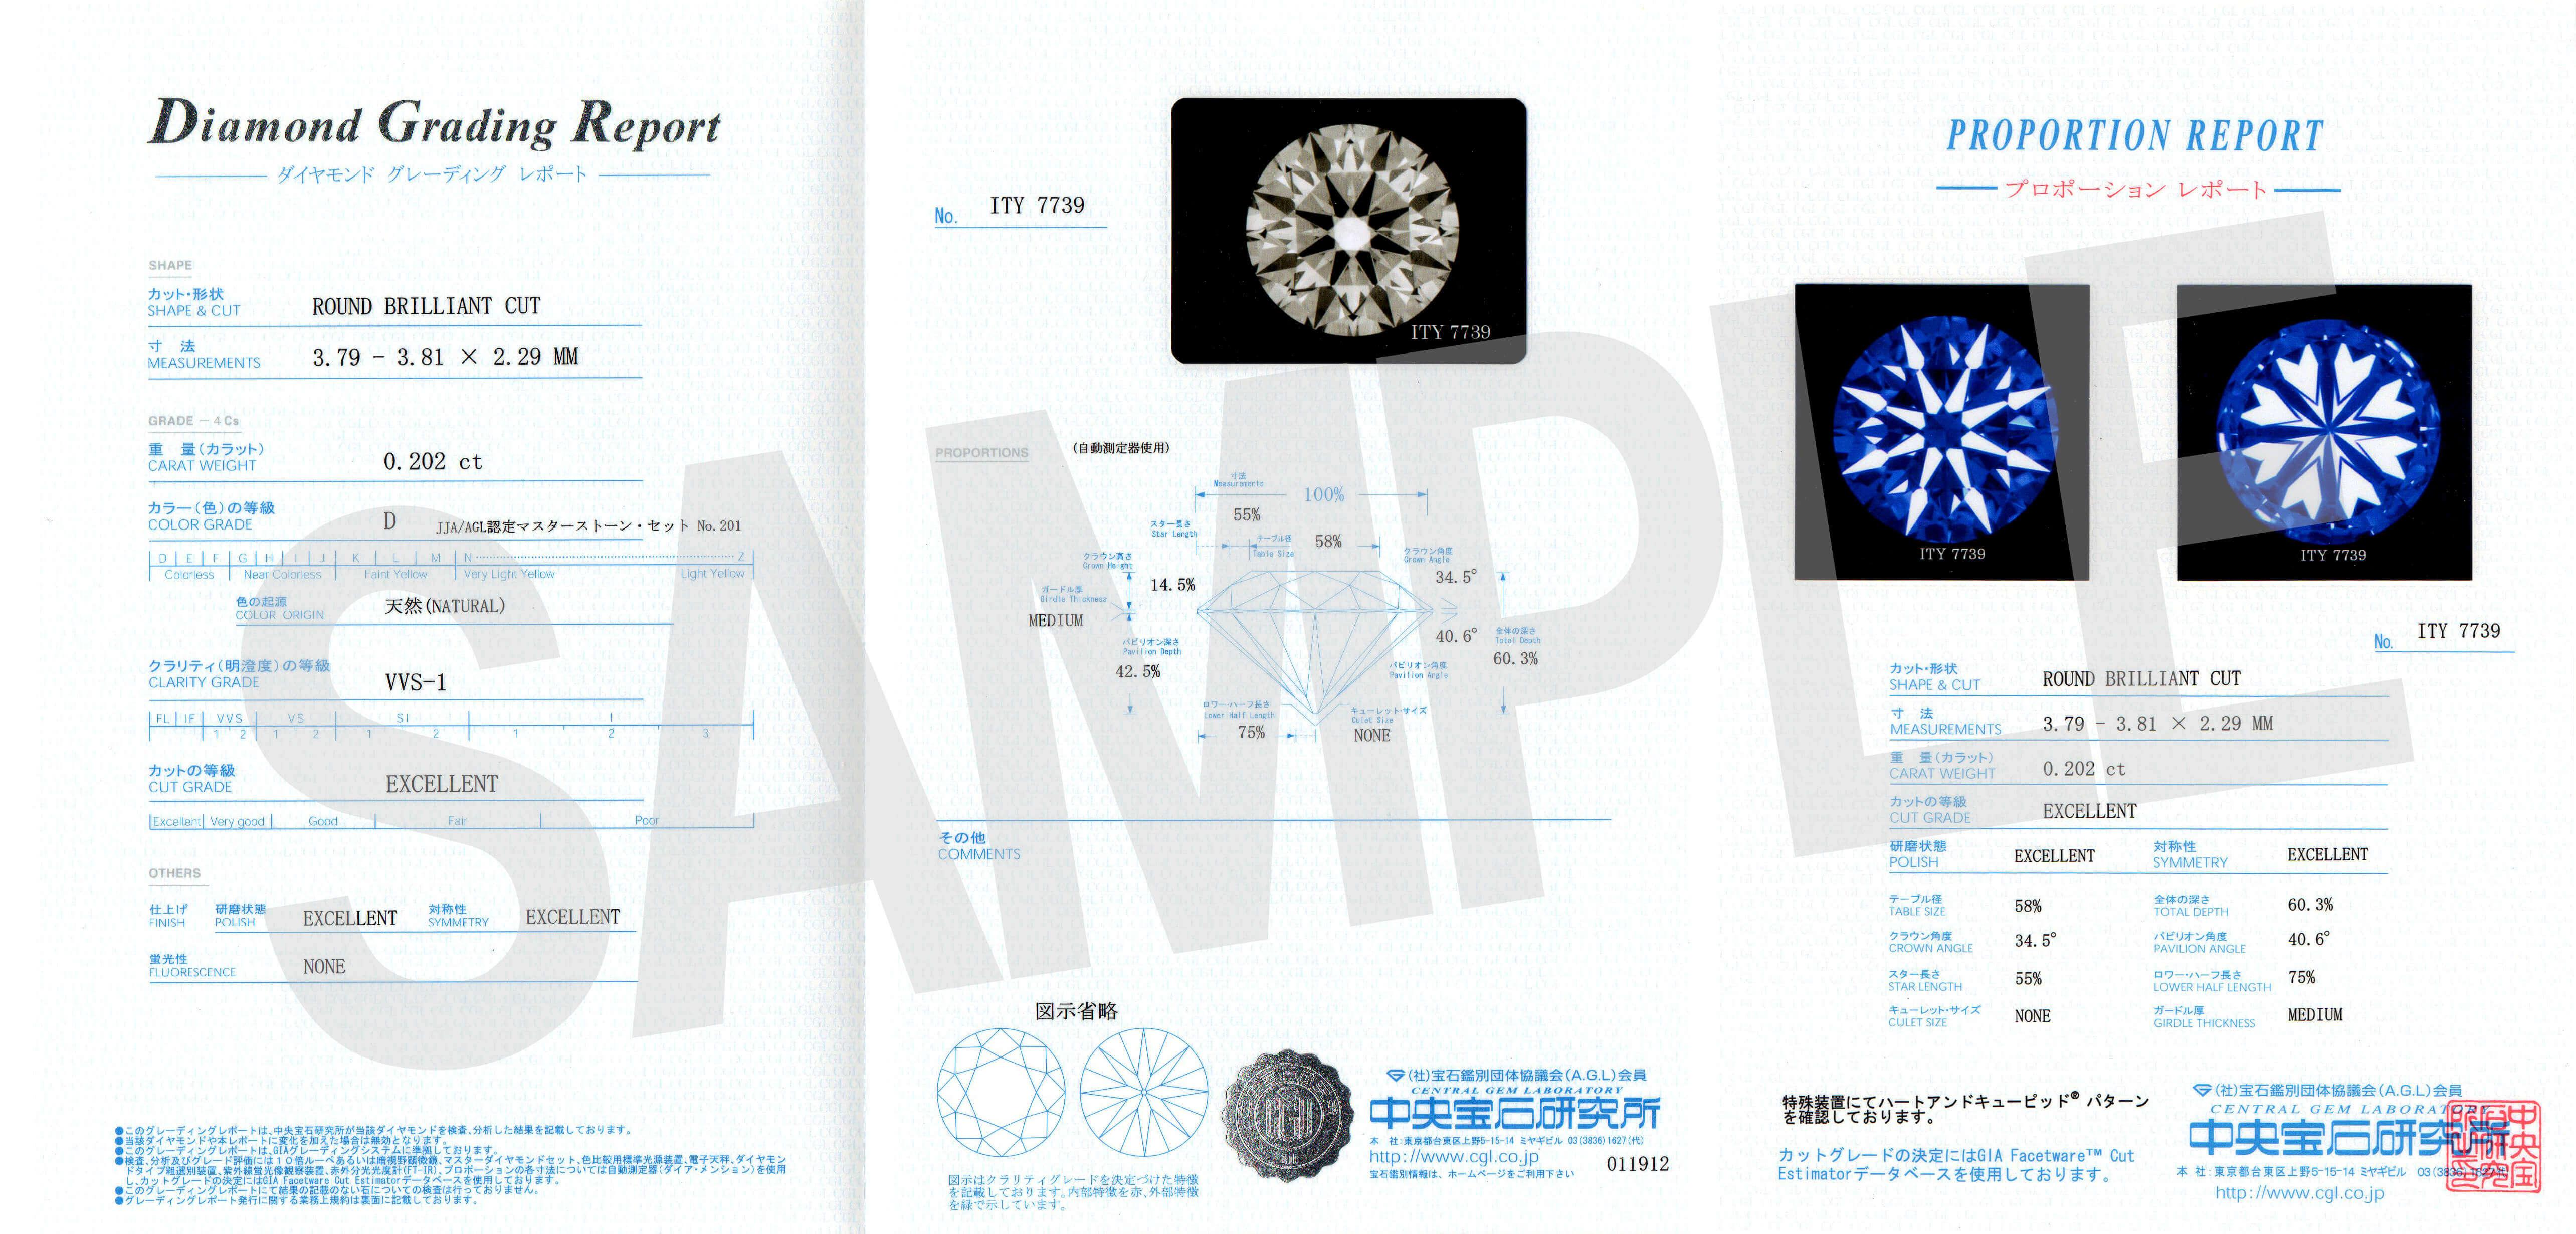 ダイヤモンド   ダイヤモンド鑑定書   かざりやゆい   世界に一つだけの結婚指輪「kazariya Yui」   福島県郡山市